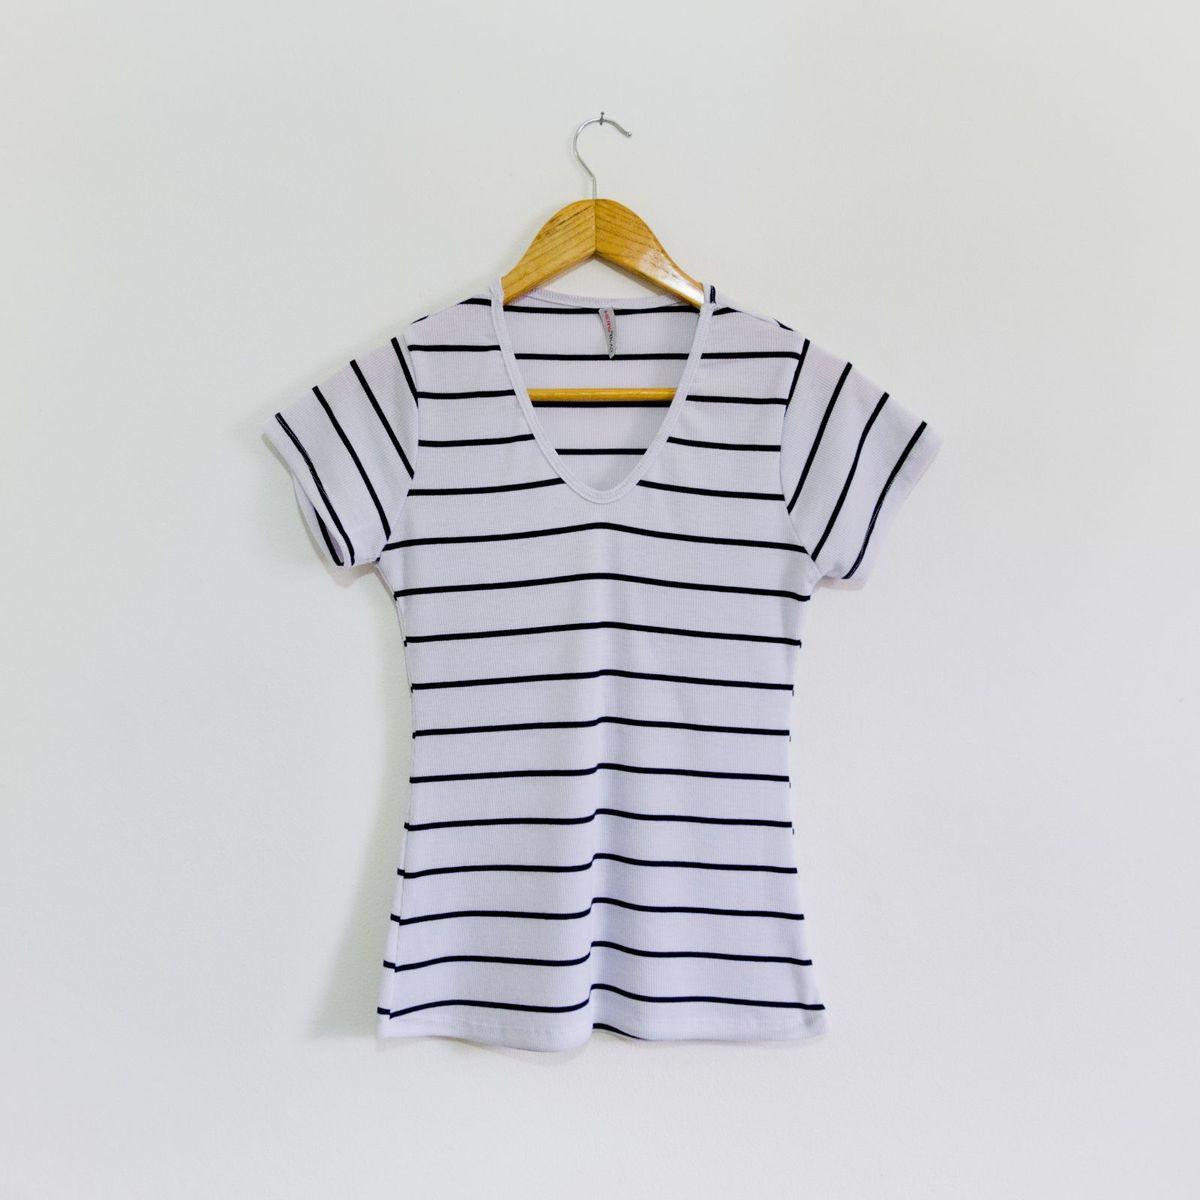 blusa de listra preta e branca - blusas sem marca